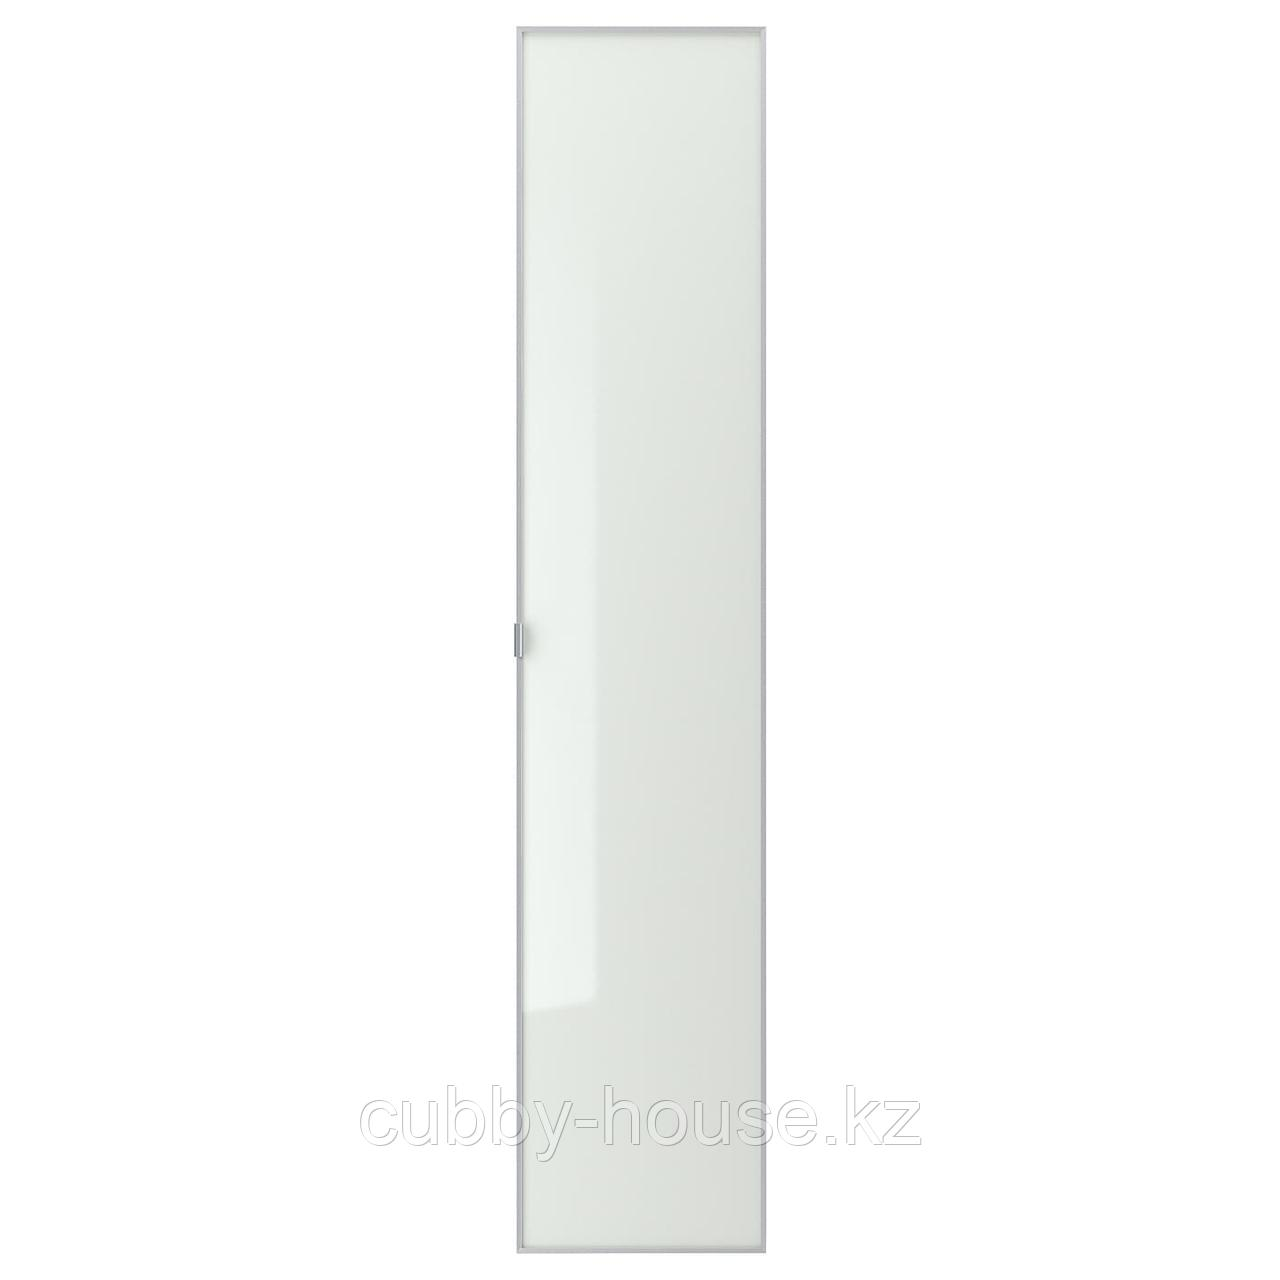 МОРЛИДЕН Стеклянная дверь, алюминий, 40x97 см